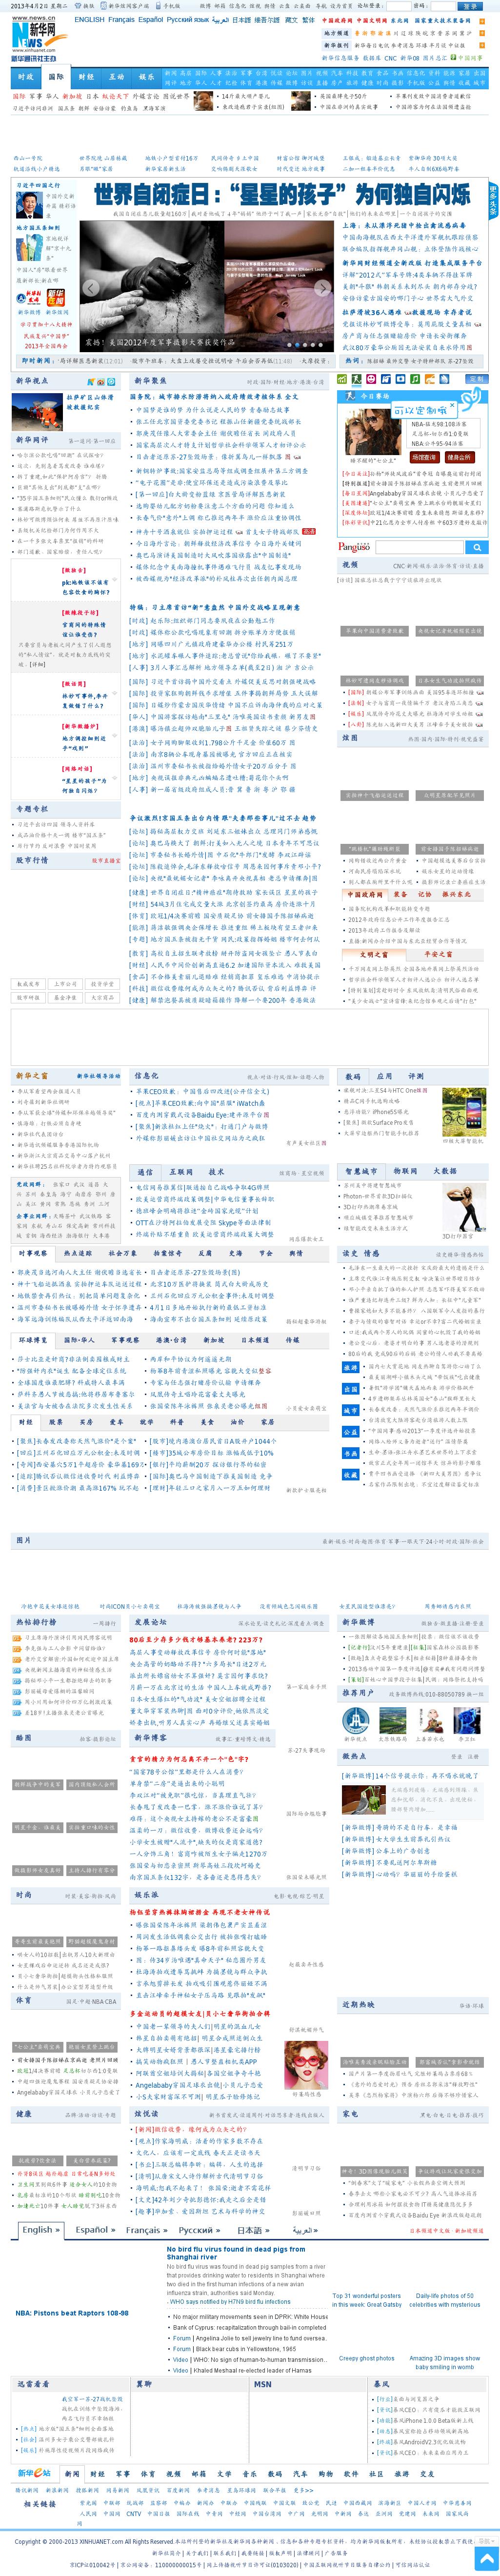 Xinhua at Tuesday April 2, 2013, 4:28 a.m. UTC